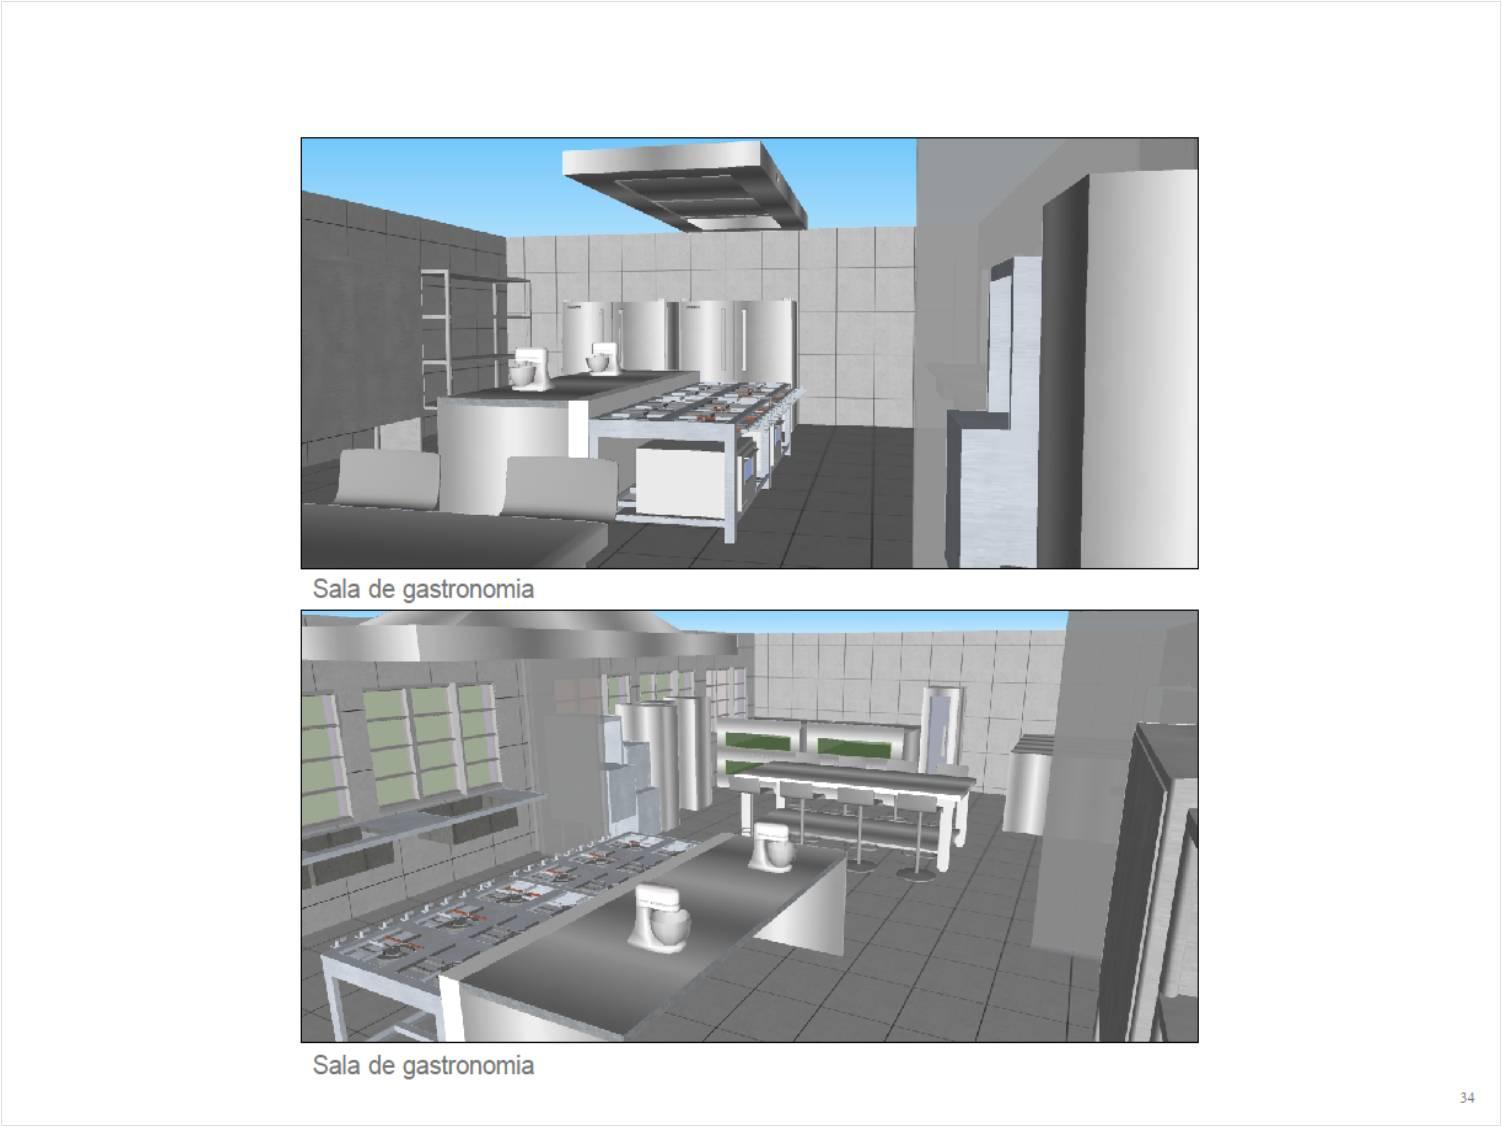 Cozinha Industrial Escrit Rio Modelo De Arquitetura E Urbanismo